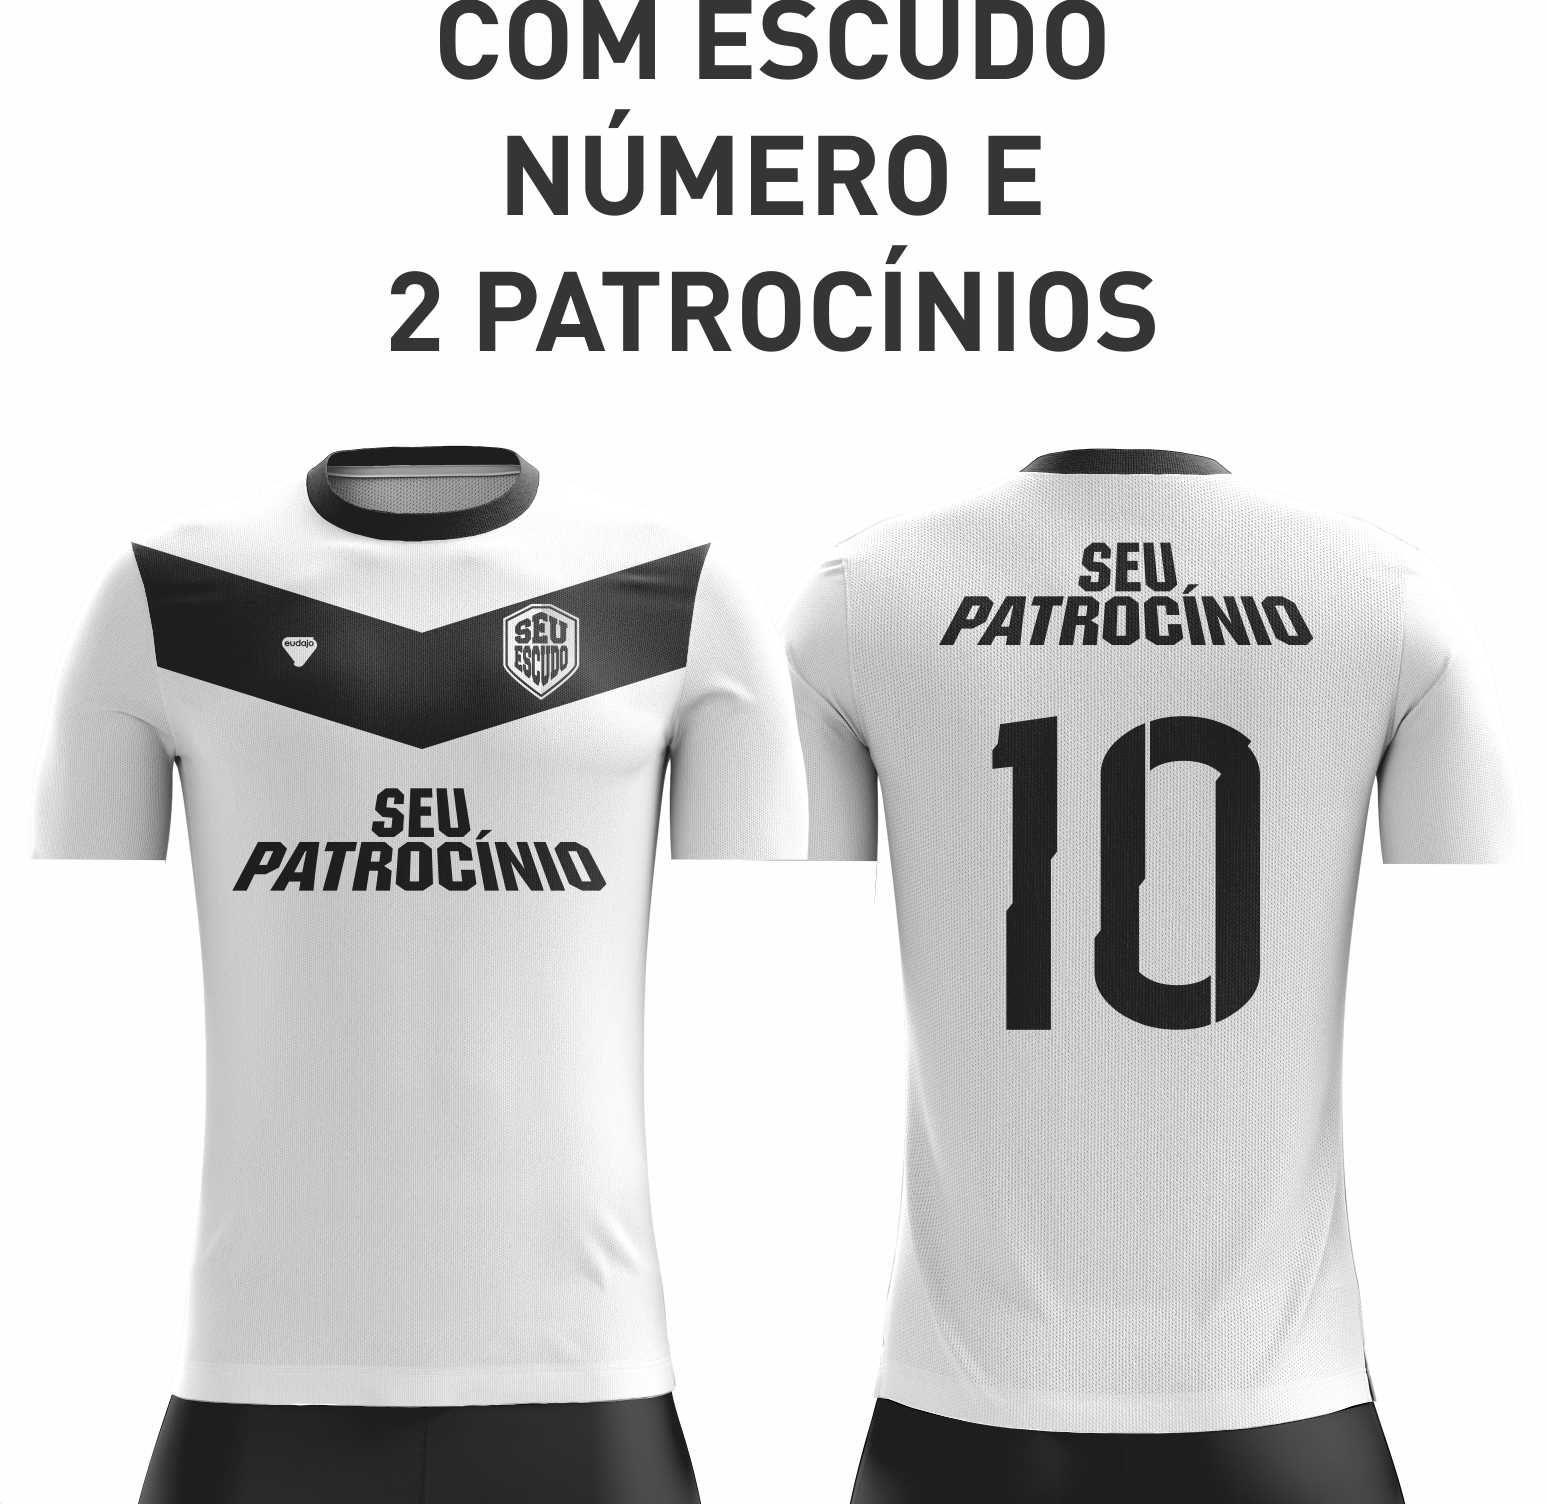 Camiseta Dryfit com detalhes costurados - MODELO COSTURADO